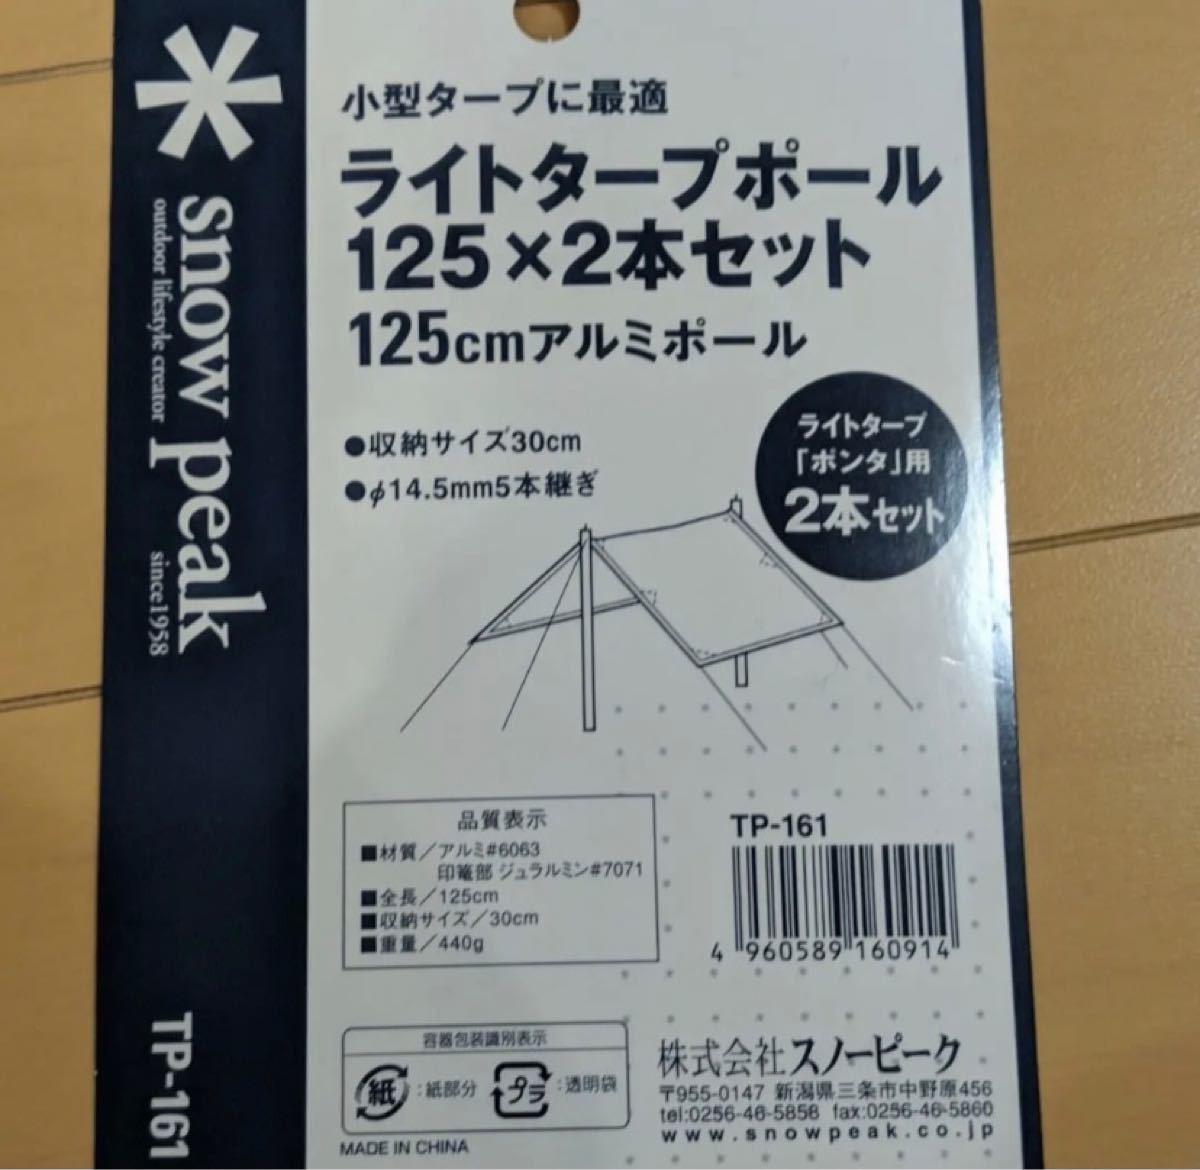 【Snow Peak】【スノーピーク】【ポンタ】【ライト】【タープ】【ポール】【TP-161】【125×2セット】【綺麗】【美品】